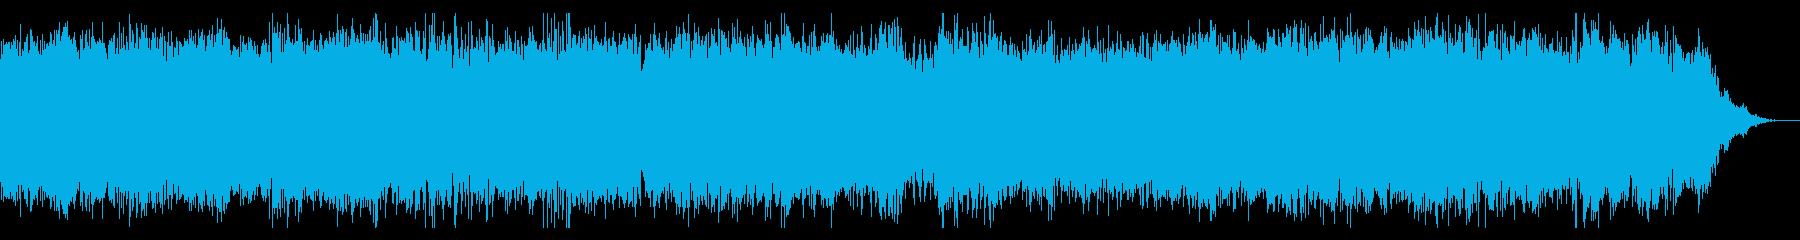 宇宙的な牧歌の再生済みの波形